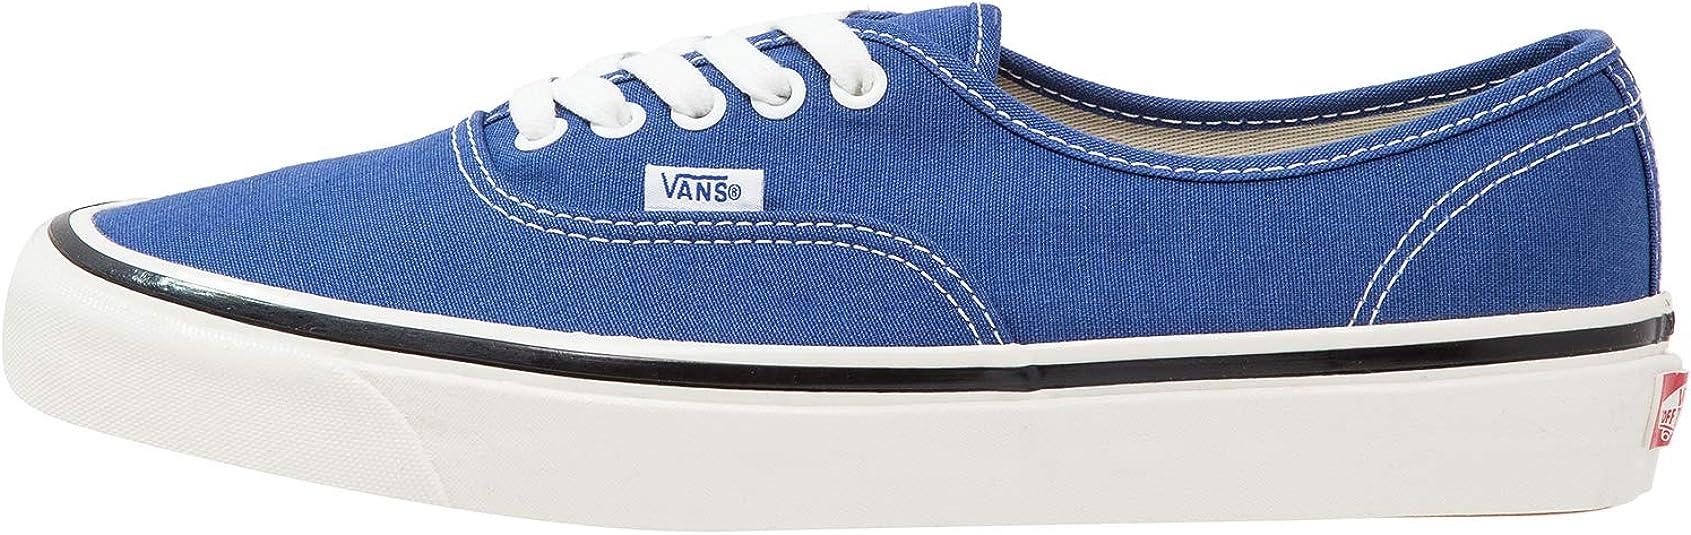 Amazon.com | Vans Authentic 33 DX Blue